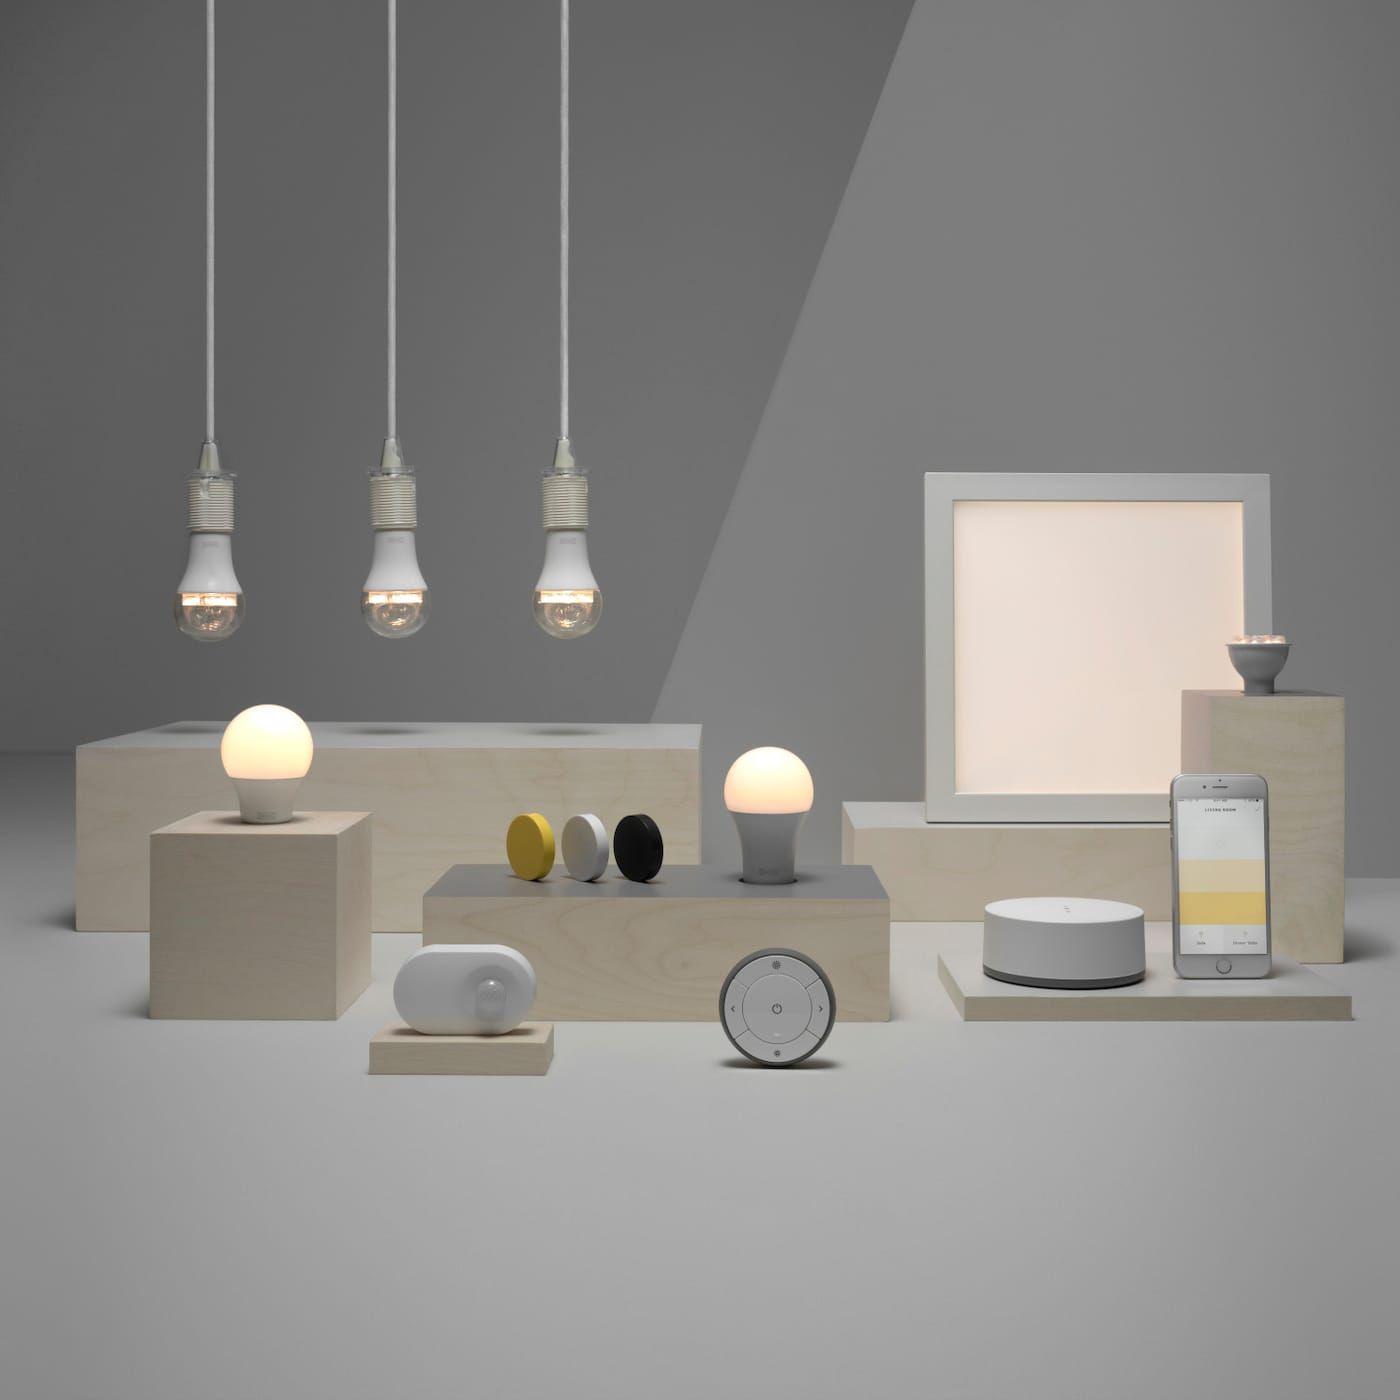 Tradfri Home Smart Beleuchtung Kit Hauser Ikea Lampen Beleuchtung